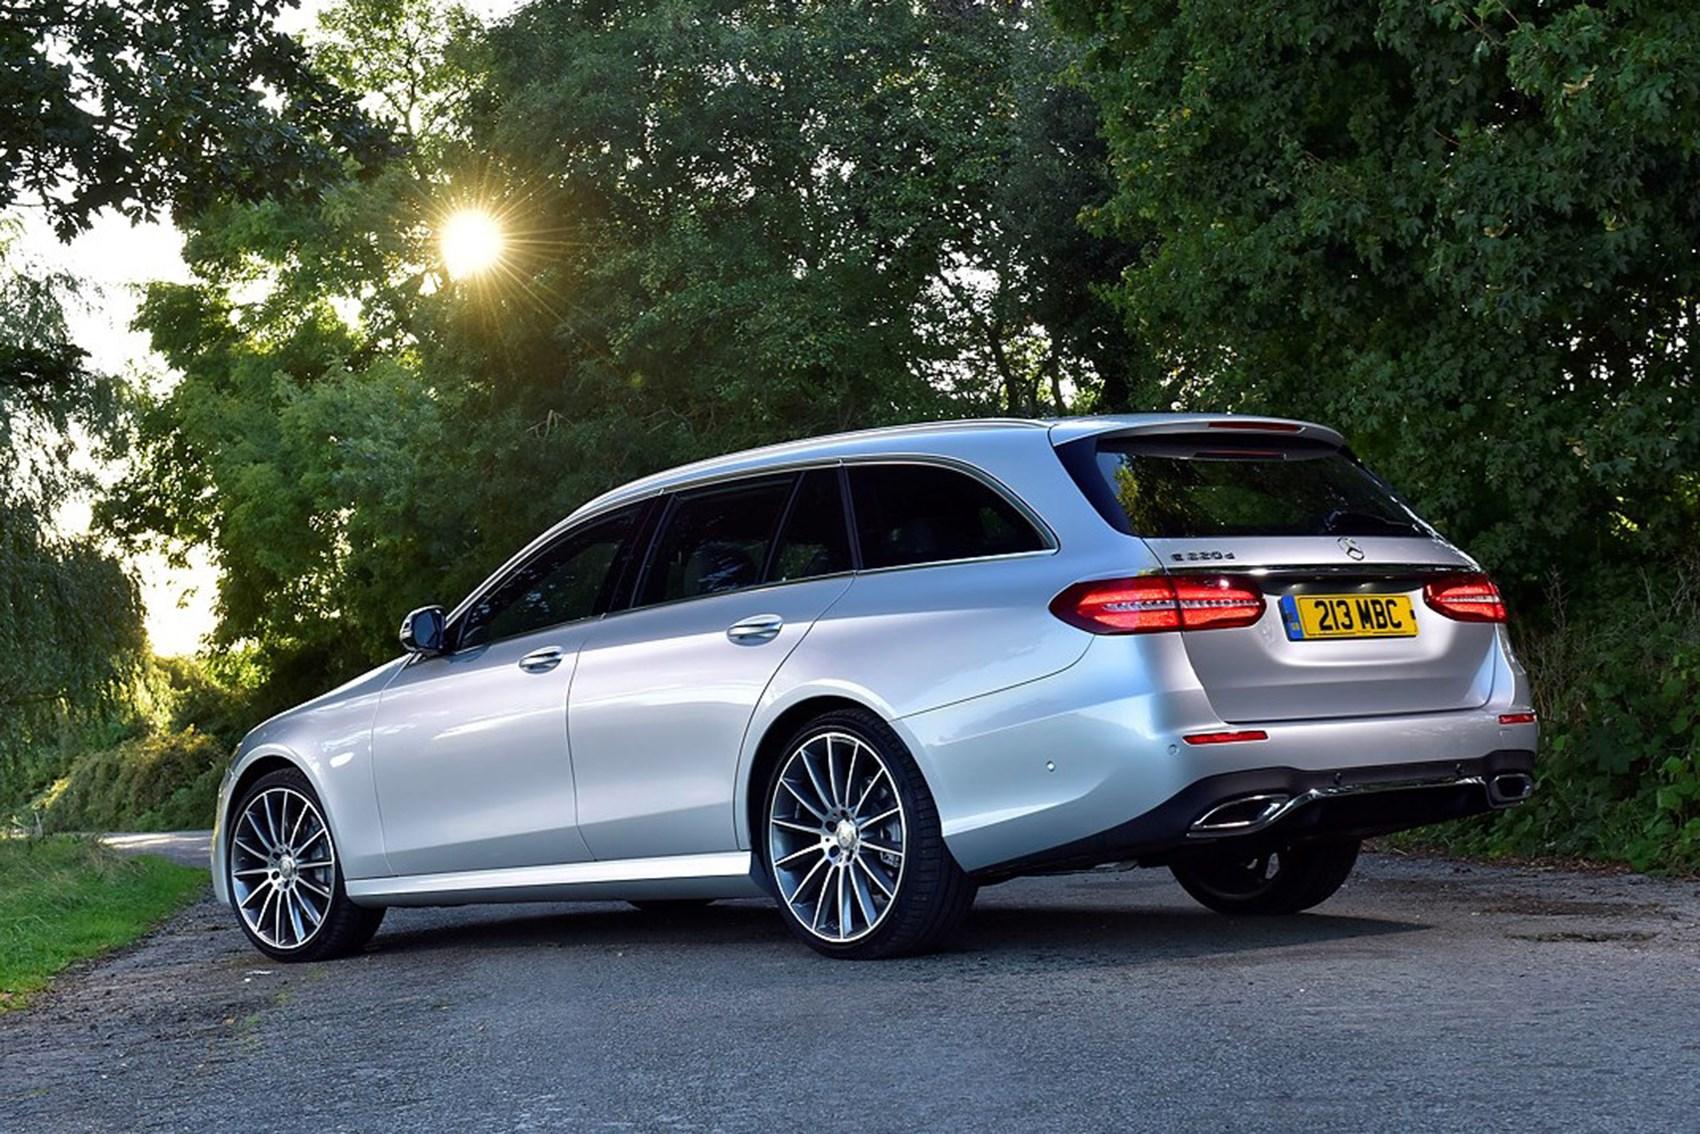 Mercedes-Benz E-Class - best towing cars reviews